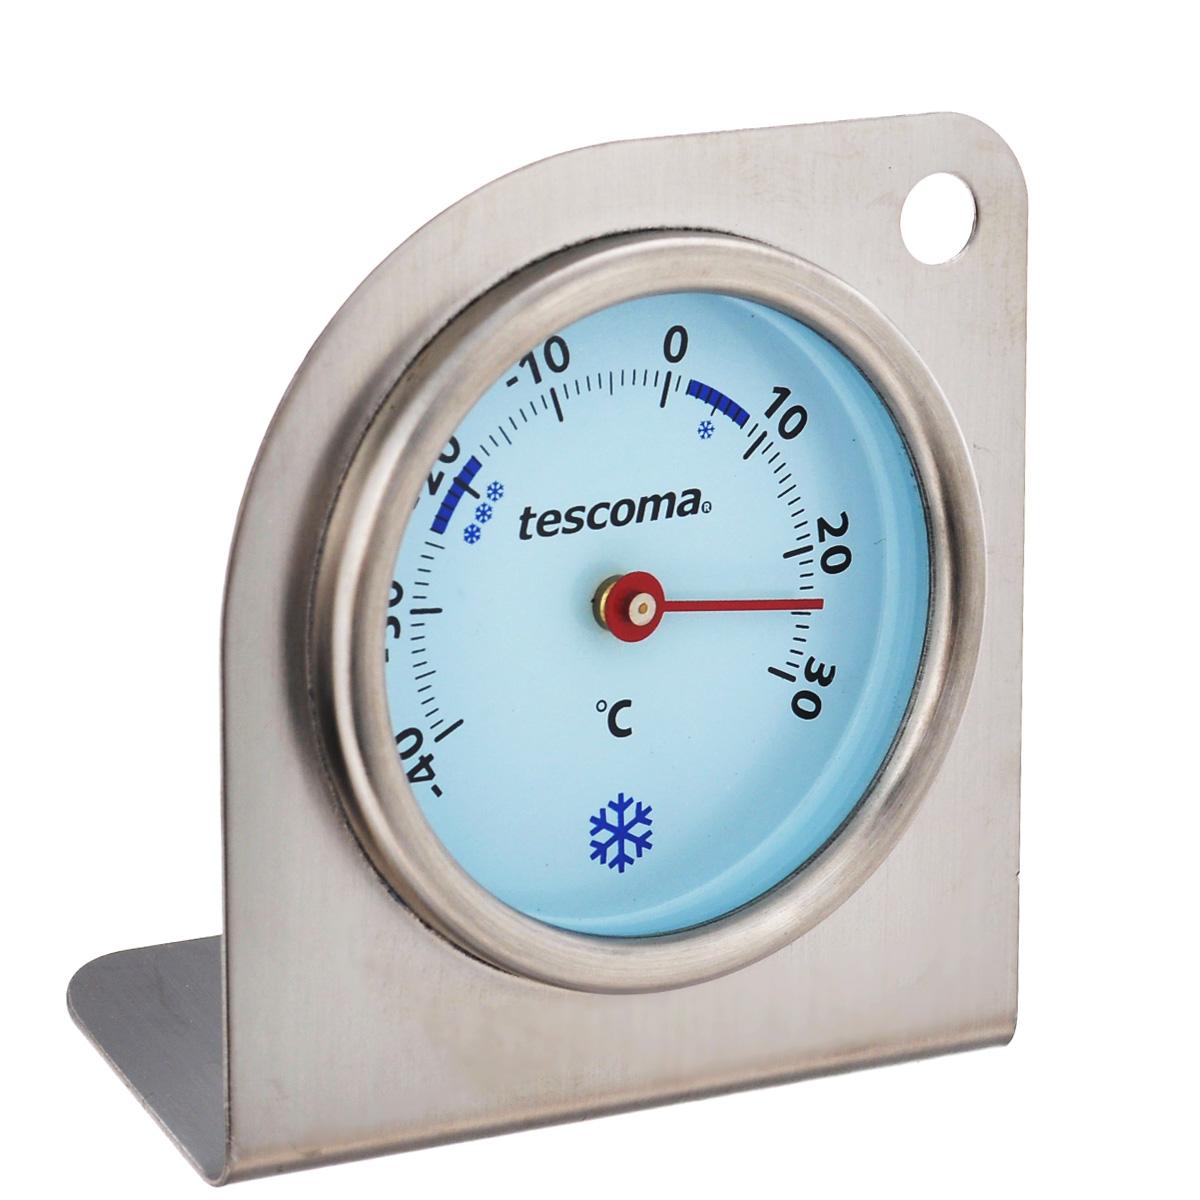 Термометр для холодильника Tescoma Gradius, цвет: серебристый636156Термометр Tescoma Gradius - настоящий помощник для любой хозяйки. Корпус термометра изготовлен из первоклассной нержавеющей стали с акцентом на точность и функциональность. Измеряет температуру внутри холодильника и морозильника от - 40°C до + 30°C. Термометр для холодильника Gradius идеален для контроля за правильным хранением блюд в домашнем хозяйстве и гастрономических заведениях. Он помогает точно хранить продукты в холодильниках и морозильниках при необходимой температуре.